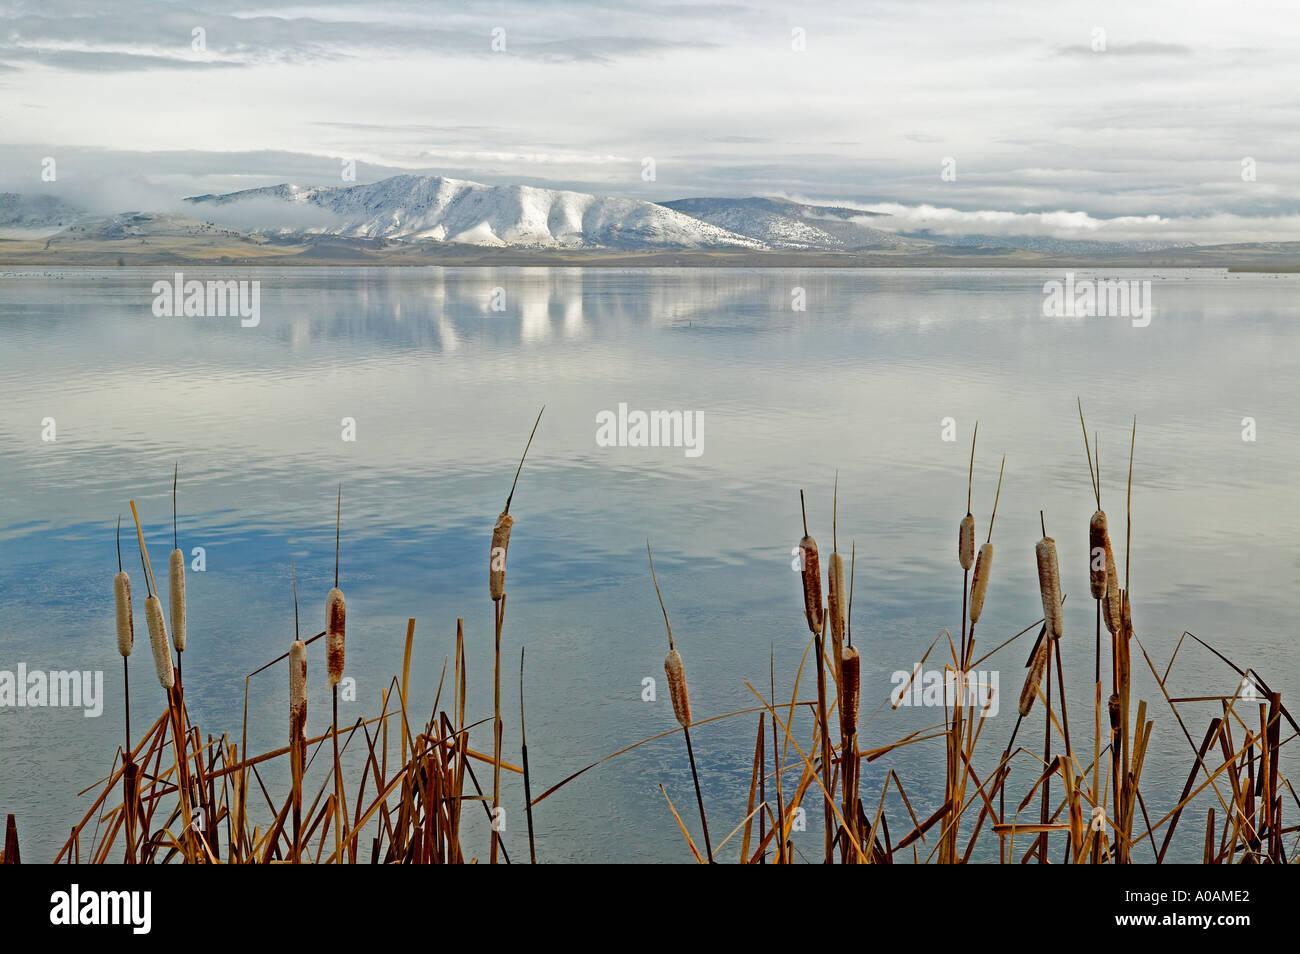 Rohrkolben und Reflexion in Lower Klamath Lake National Wildlife Refuge-Kalifornien Stockbild